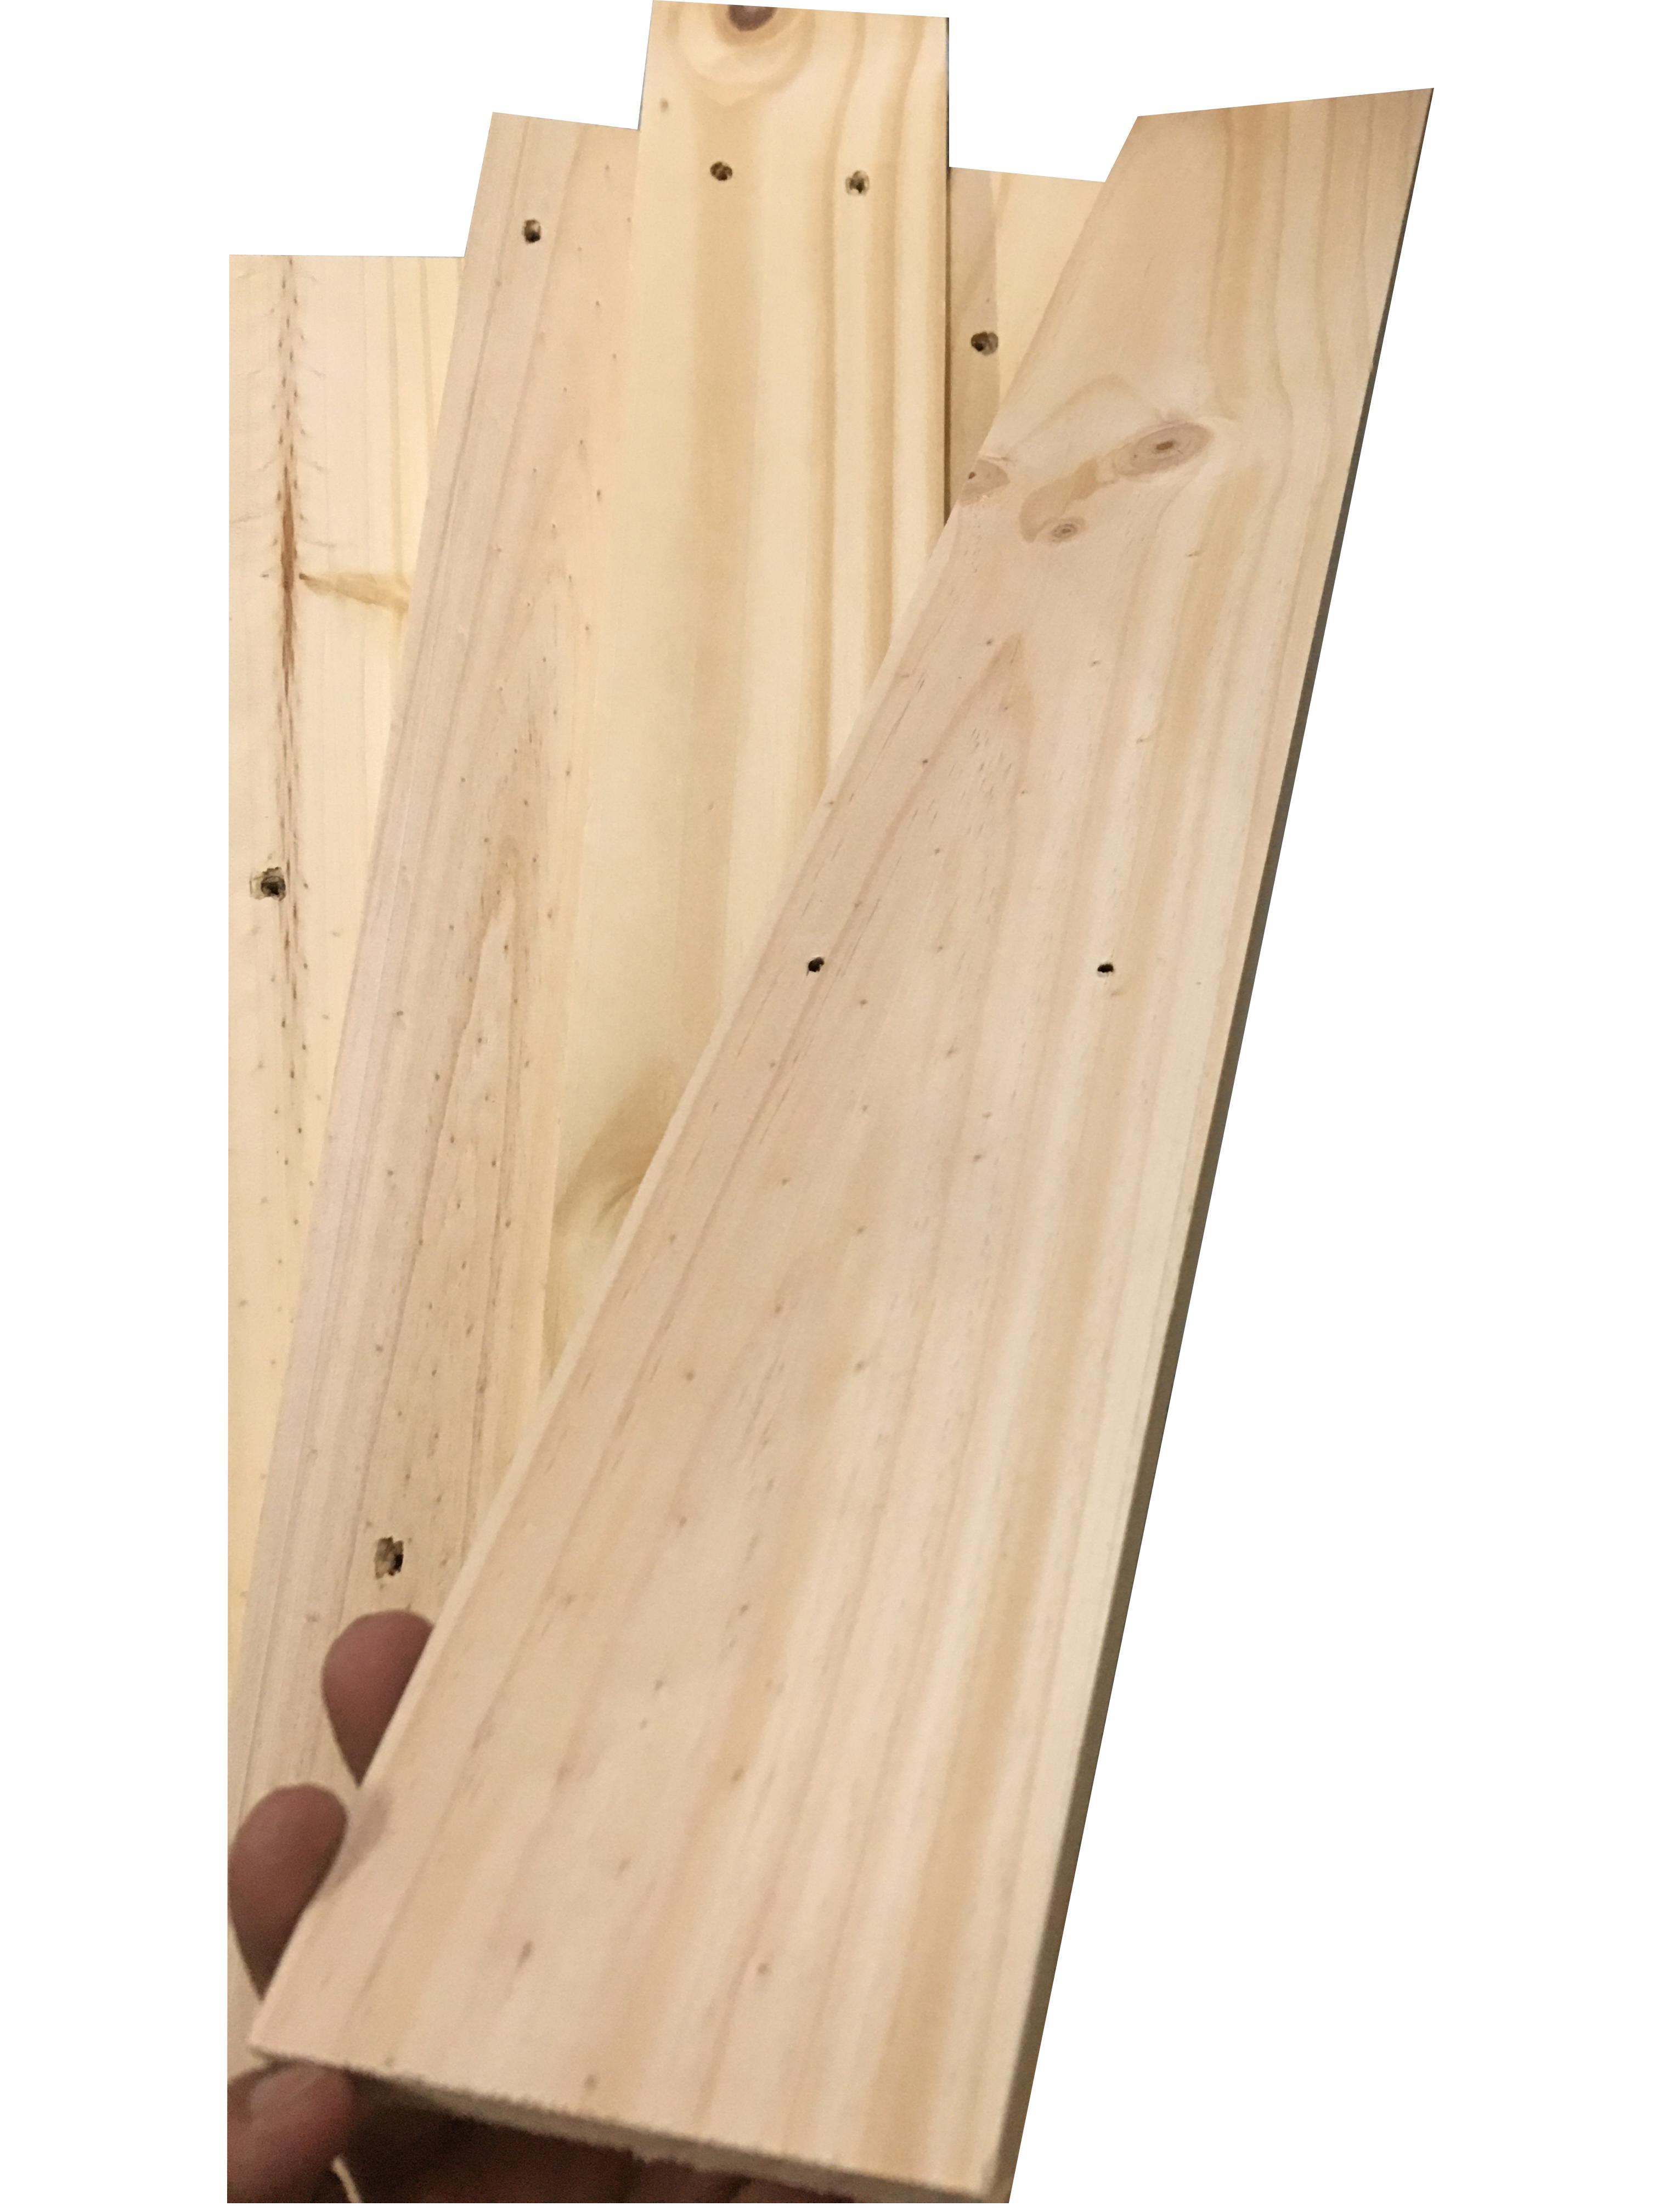 Bó 5 thanh gỗ thông pallet dài 60cm, rộng 9cm, dày 1.3cm bào láng 4 mặt dùng trang trí, đóng kệ, chậu hoa, DIY